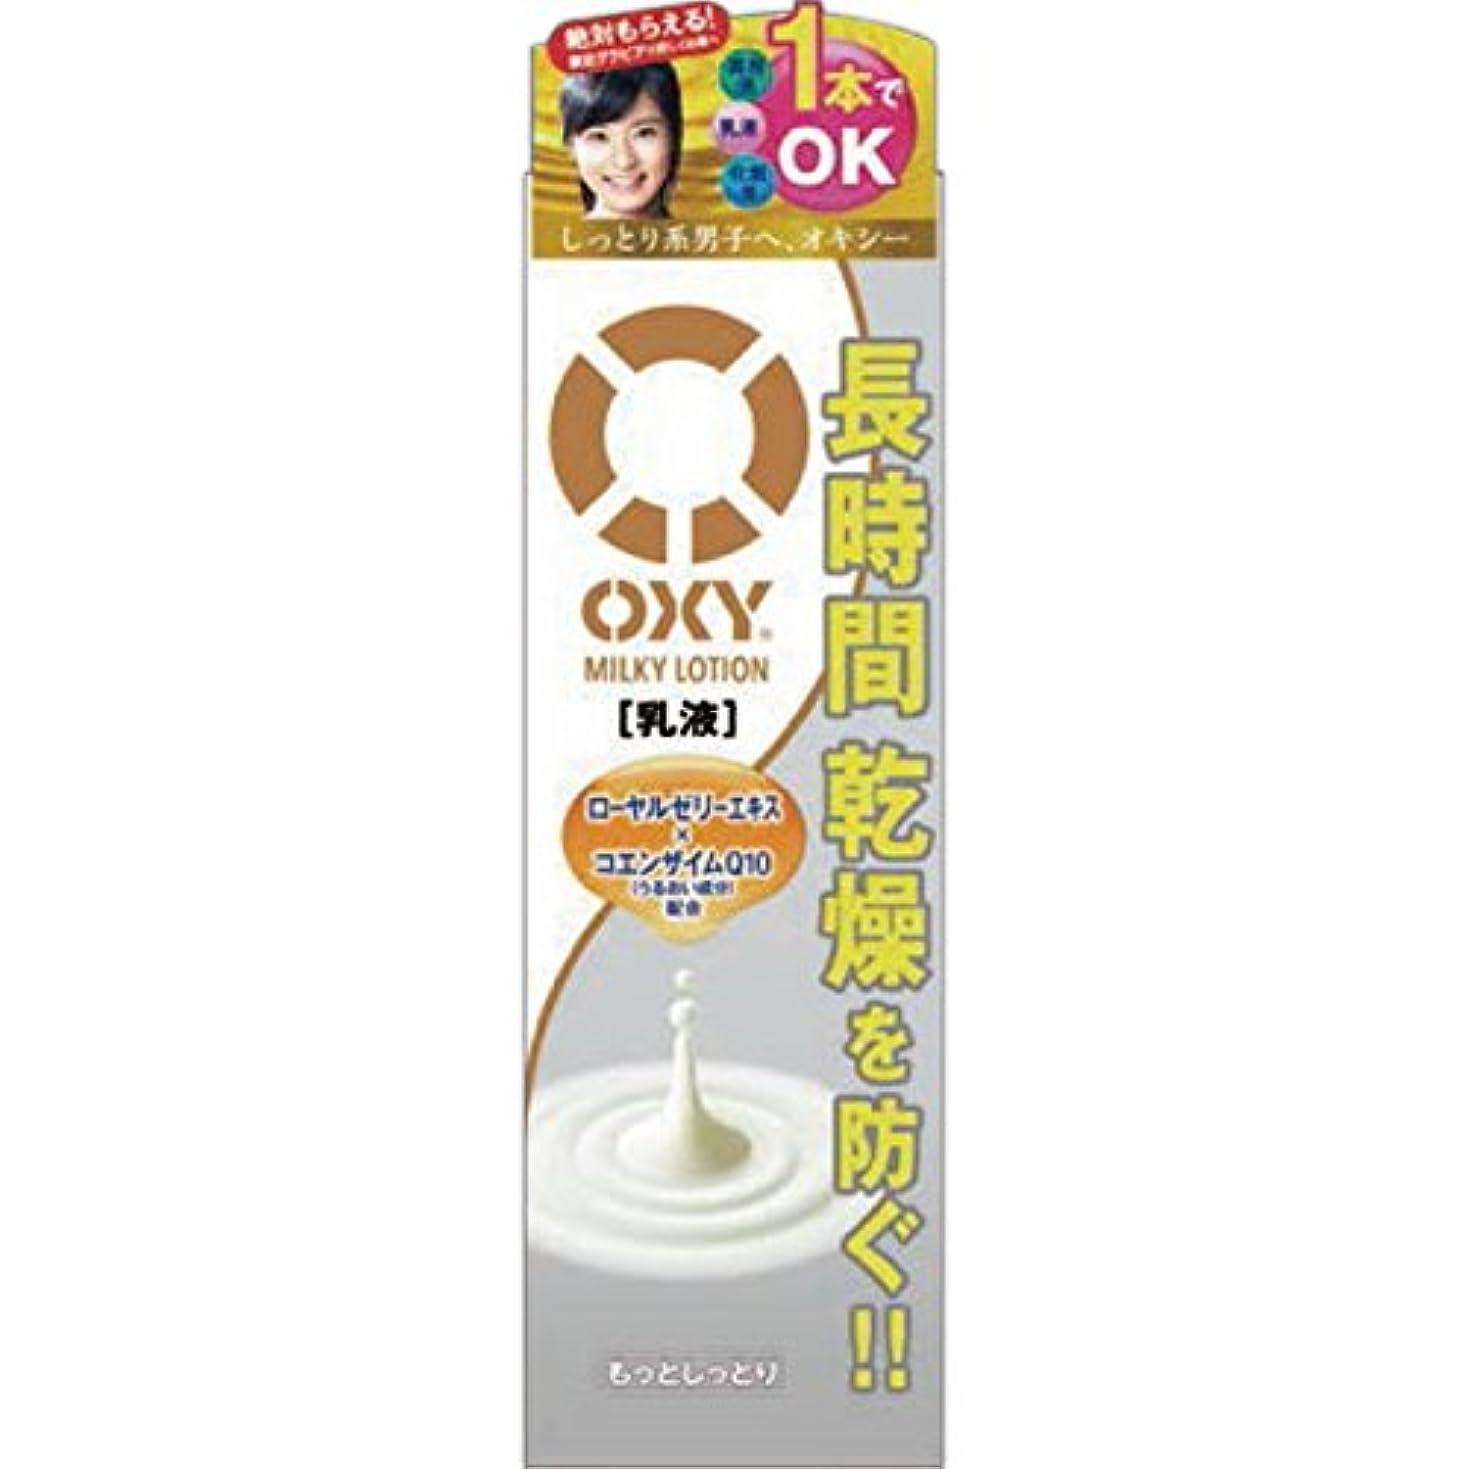 回転勘違いするグラムオキシー (Oxy) ミルキーローション オールインワン乳液 スーパーヒアルロン酸×ローヤルゼリー配合 ゼラニウムの香 170mL